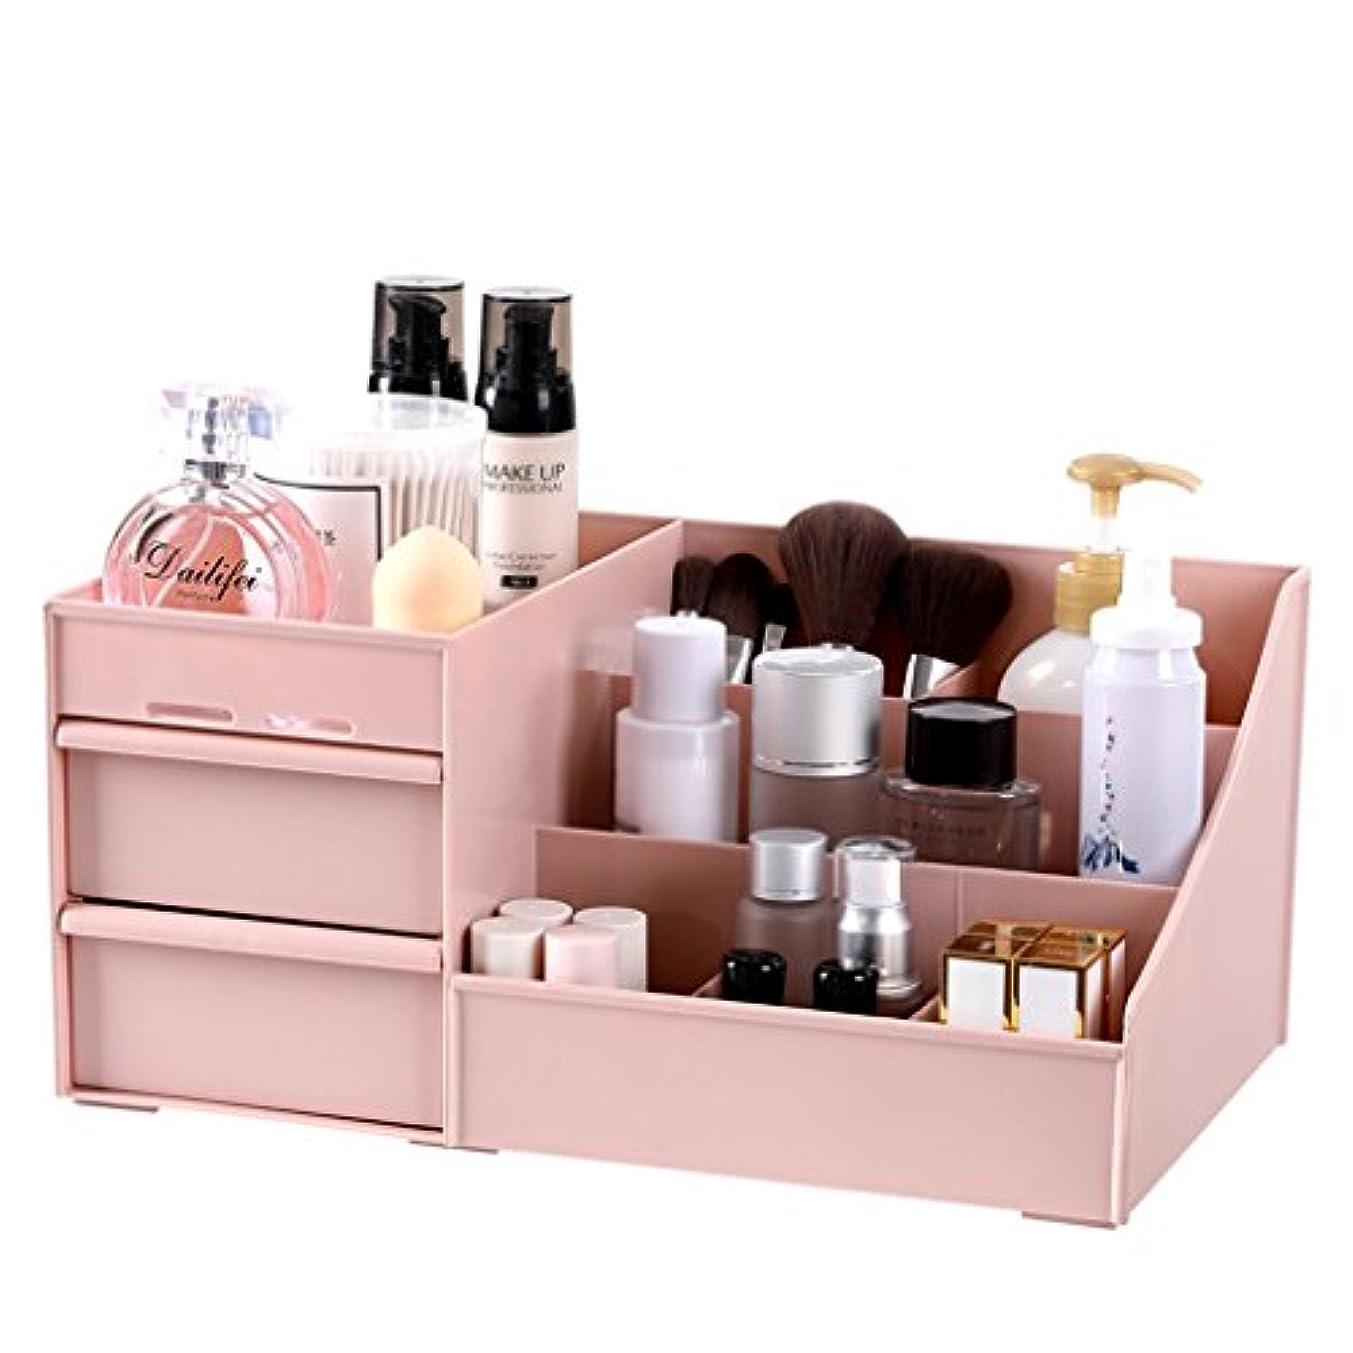 動く利用可能防水メイクボックス 化粧品オーガナイザーアクリル化粧品ディスプレイ口紅収納ラック引き出しジュエリー収納ボックス (Color : Pink, Size : 29*17.5*13.5cm)